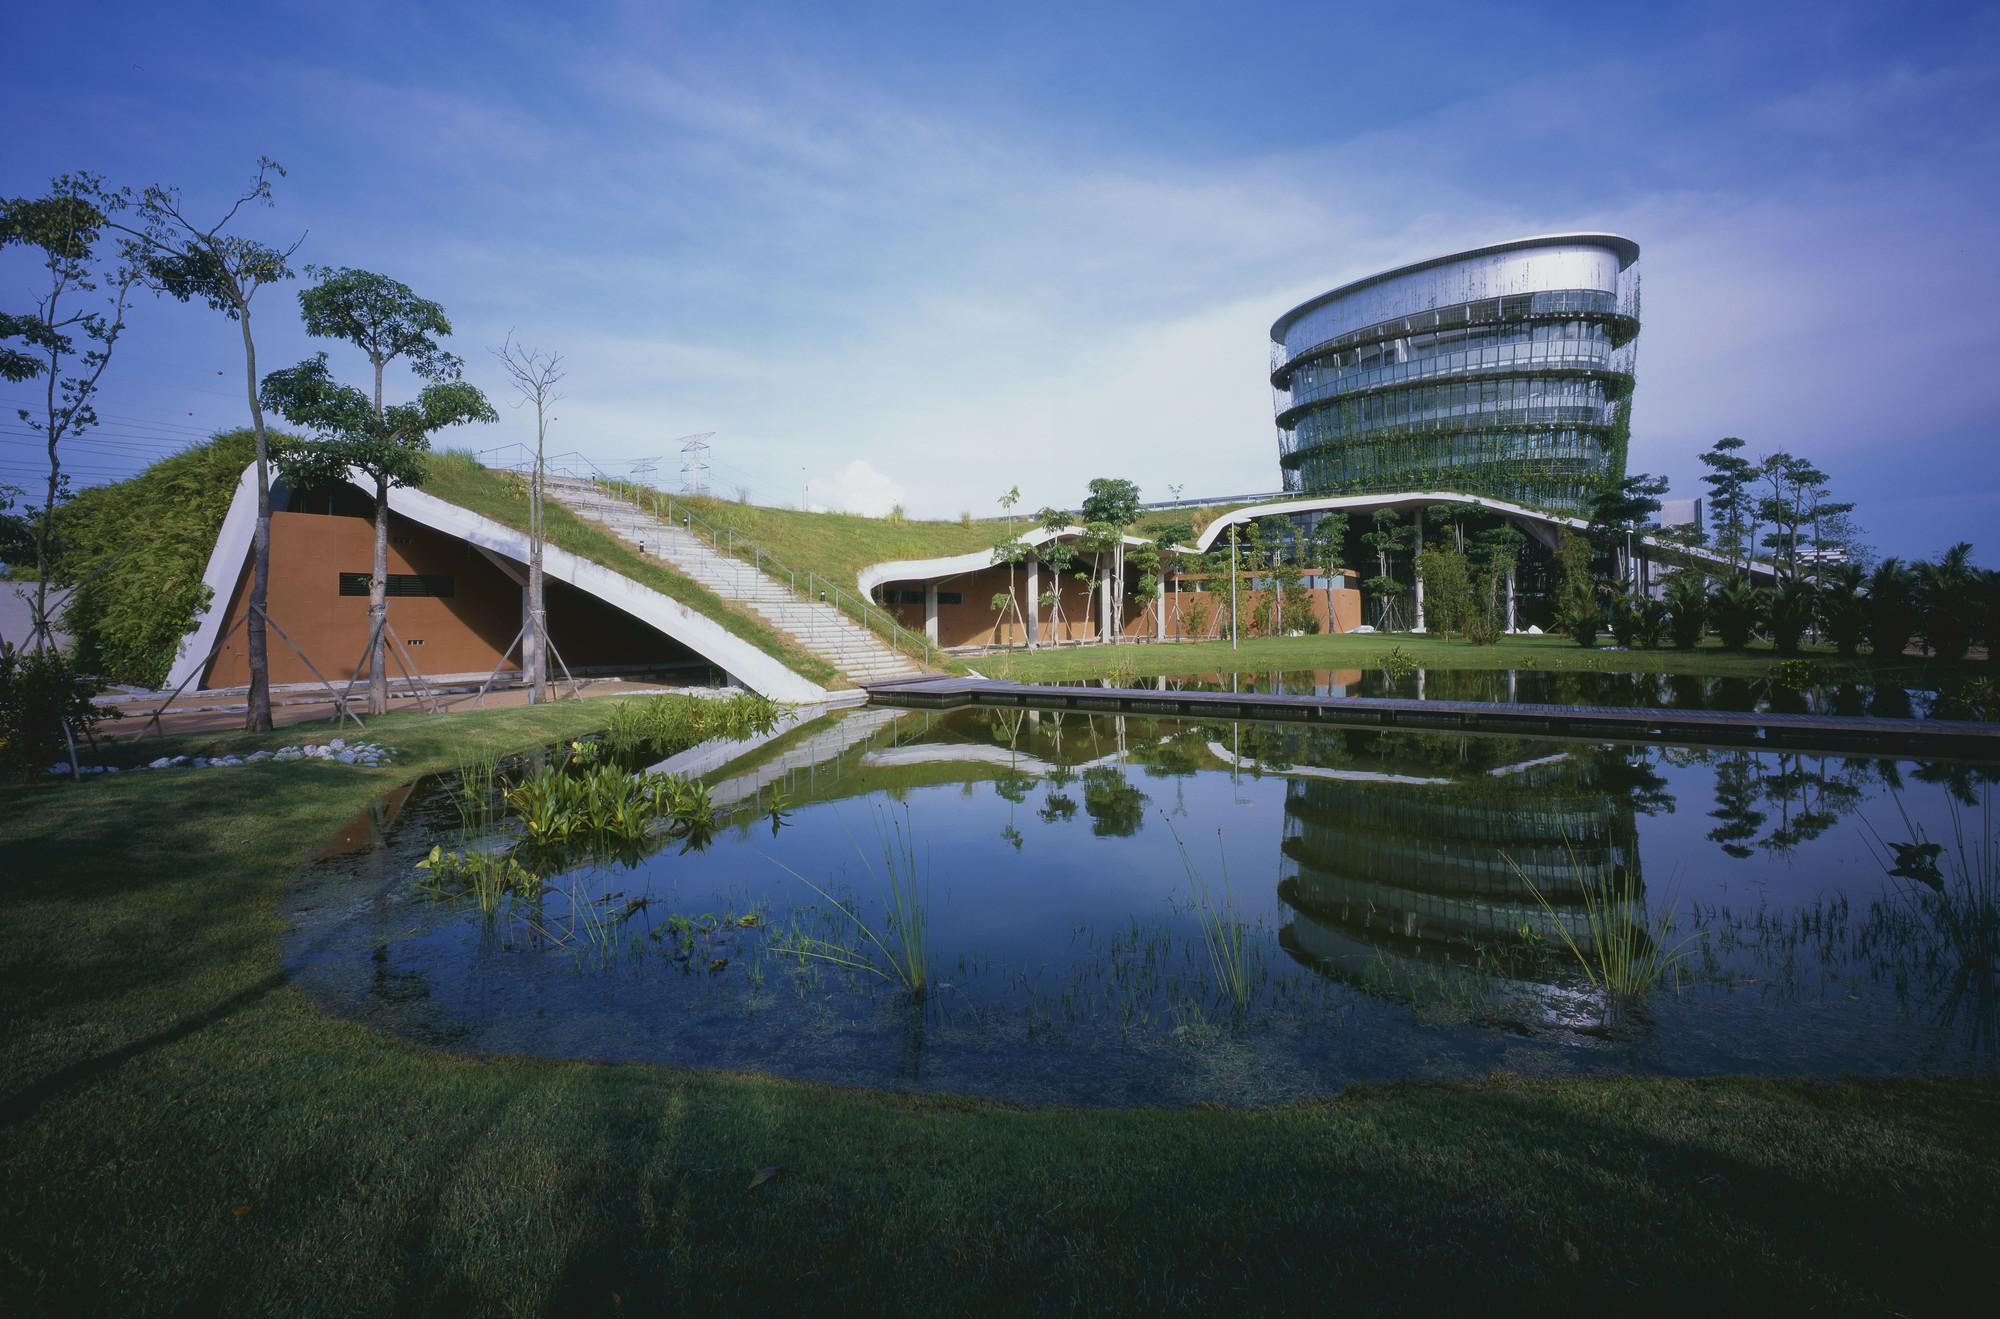 Arquitectura industrial: Fábrica en la tierra